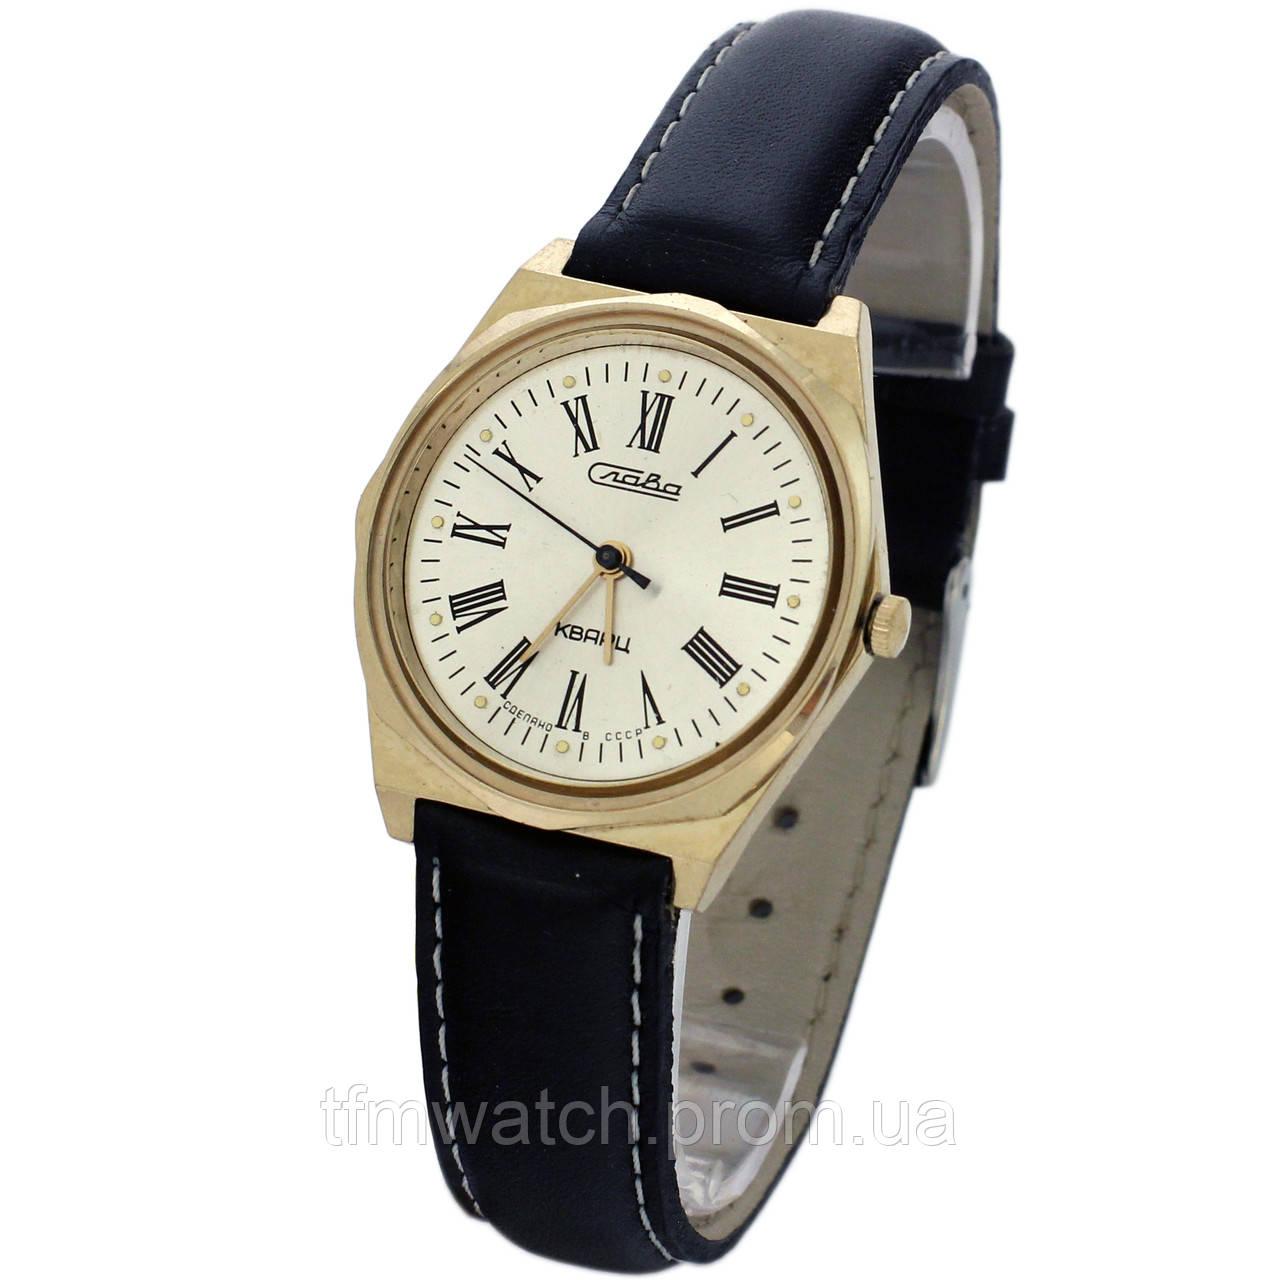 Позолоченные часы Слава кварц сделано в СССР - Магазин старинных, винтажных  и антикварных часов TFMwatch c9b4dd3fa78